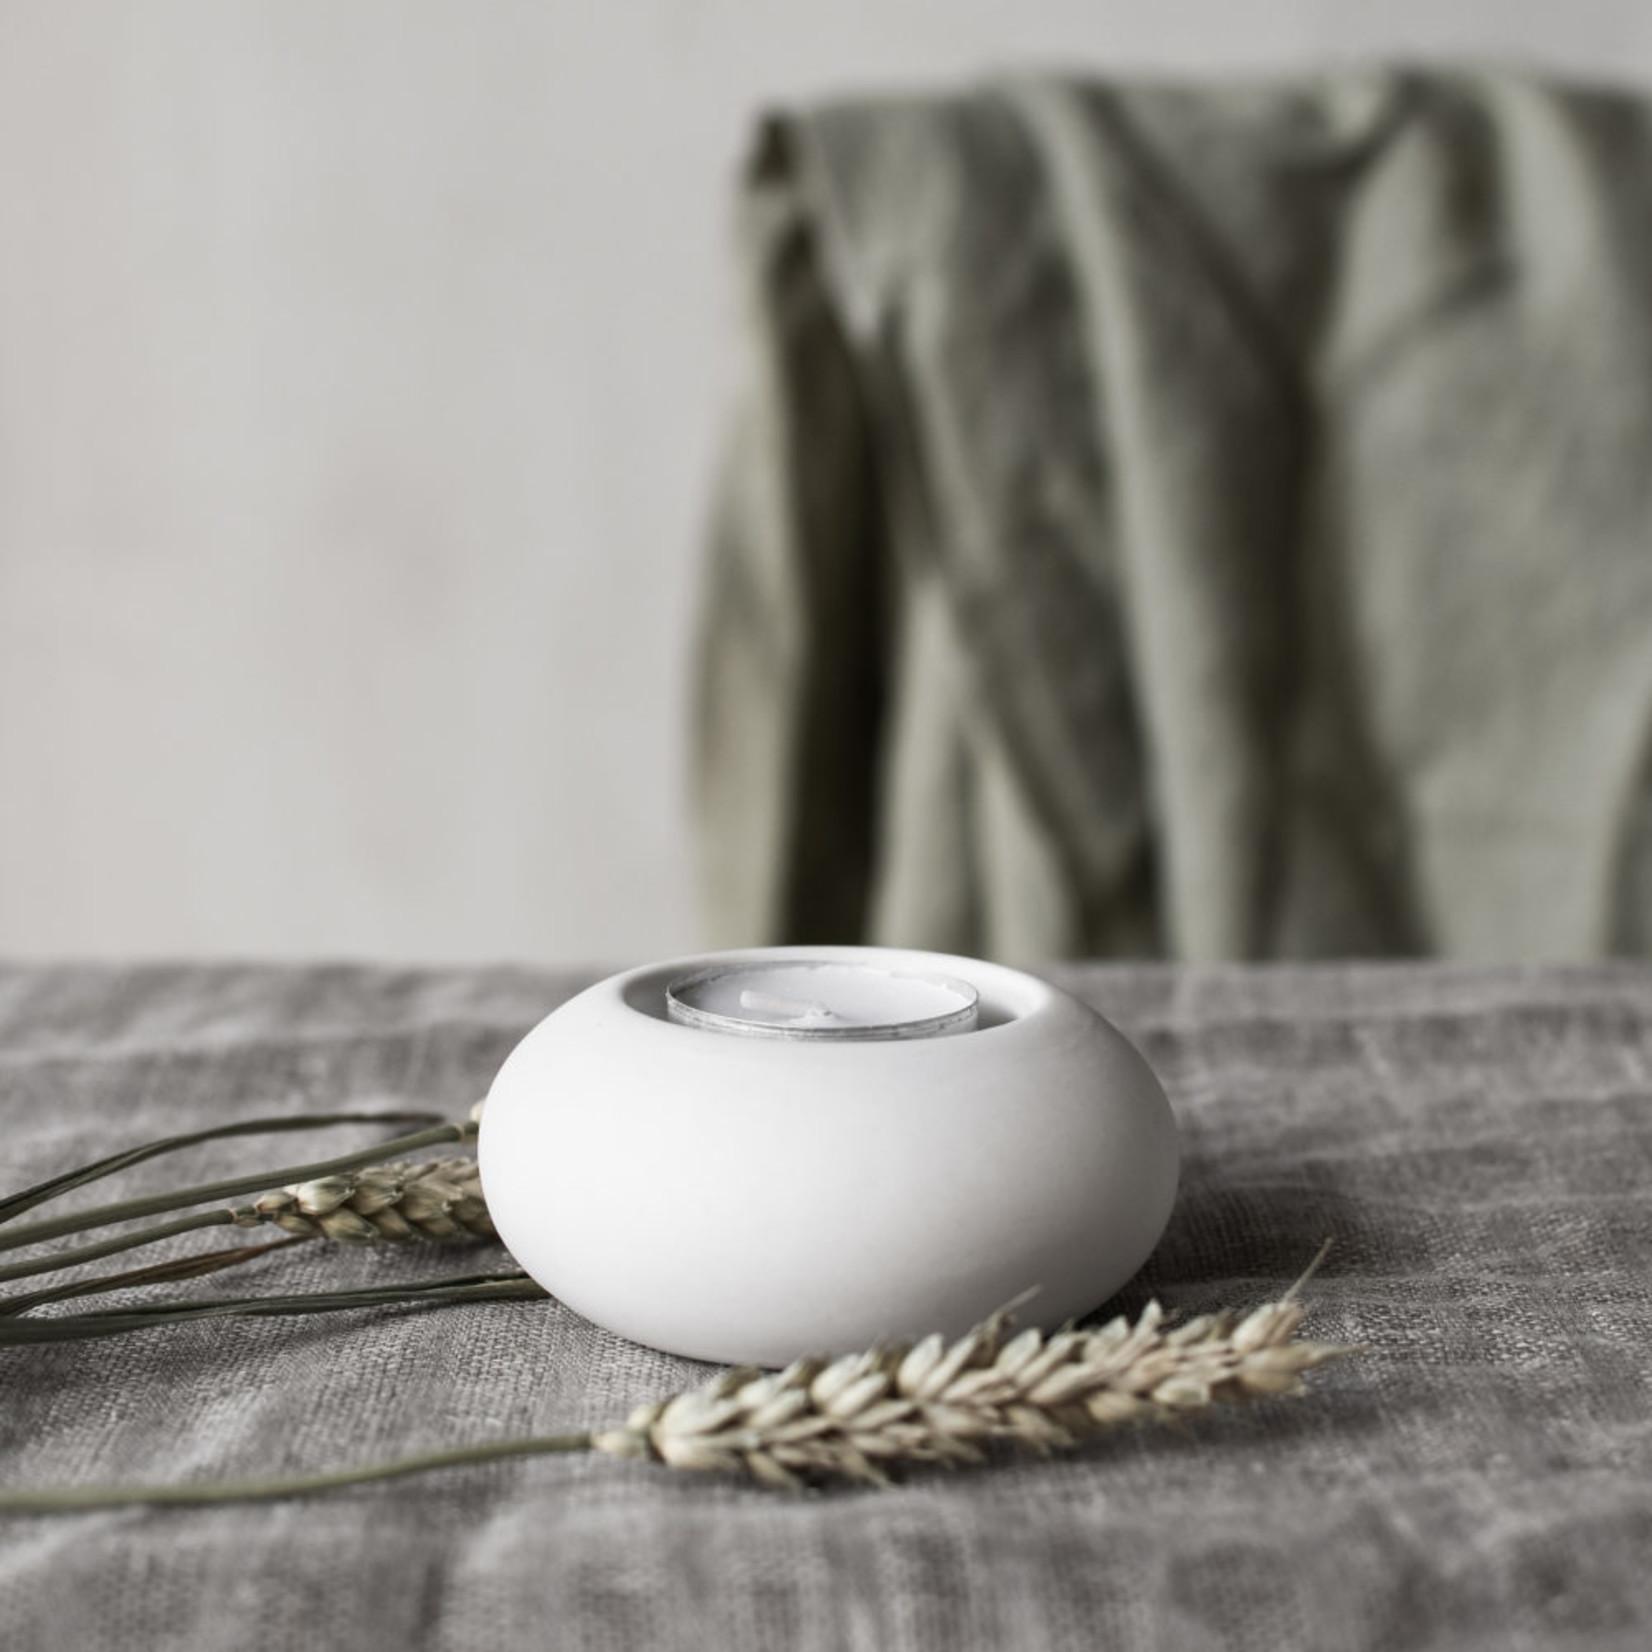 Storefactory  Teelichthalter Sandviken weiß